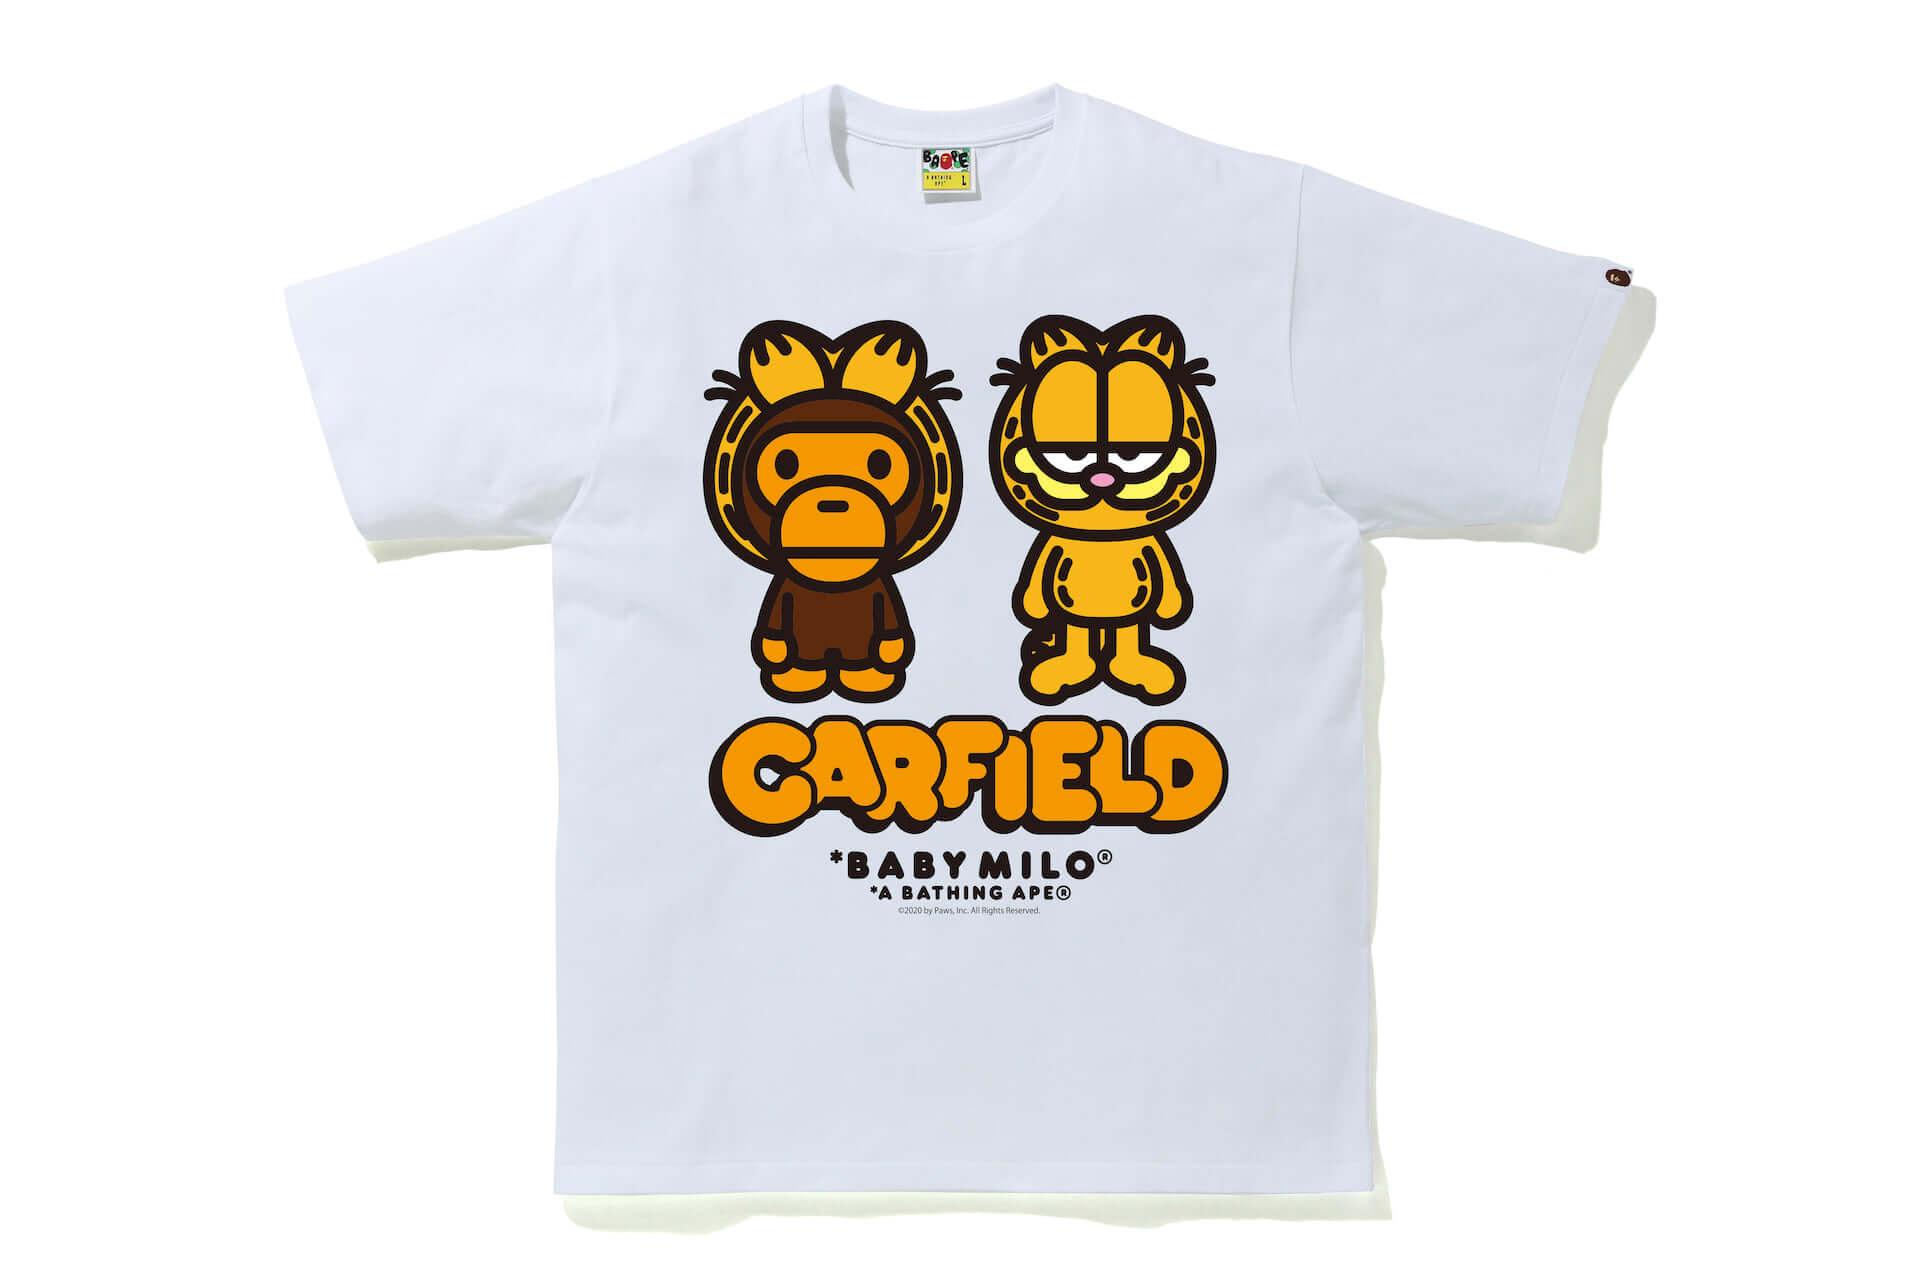 世界一有名なネコ、ガーフィールドとBAPE®︎が初共演!Tシャツ、フーディーなどコラボグッズが多数登場 lf200629_garfield_15-1920x1280